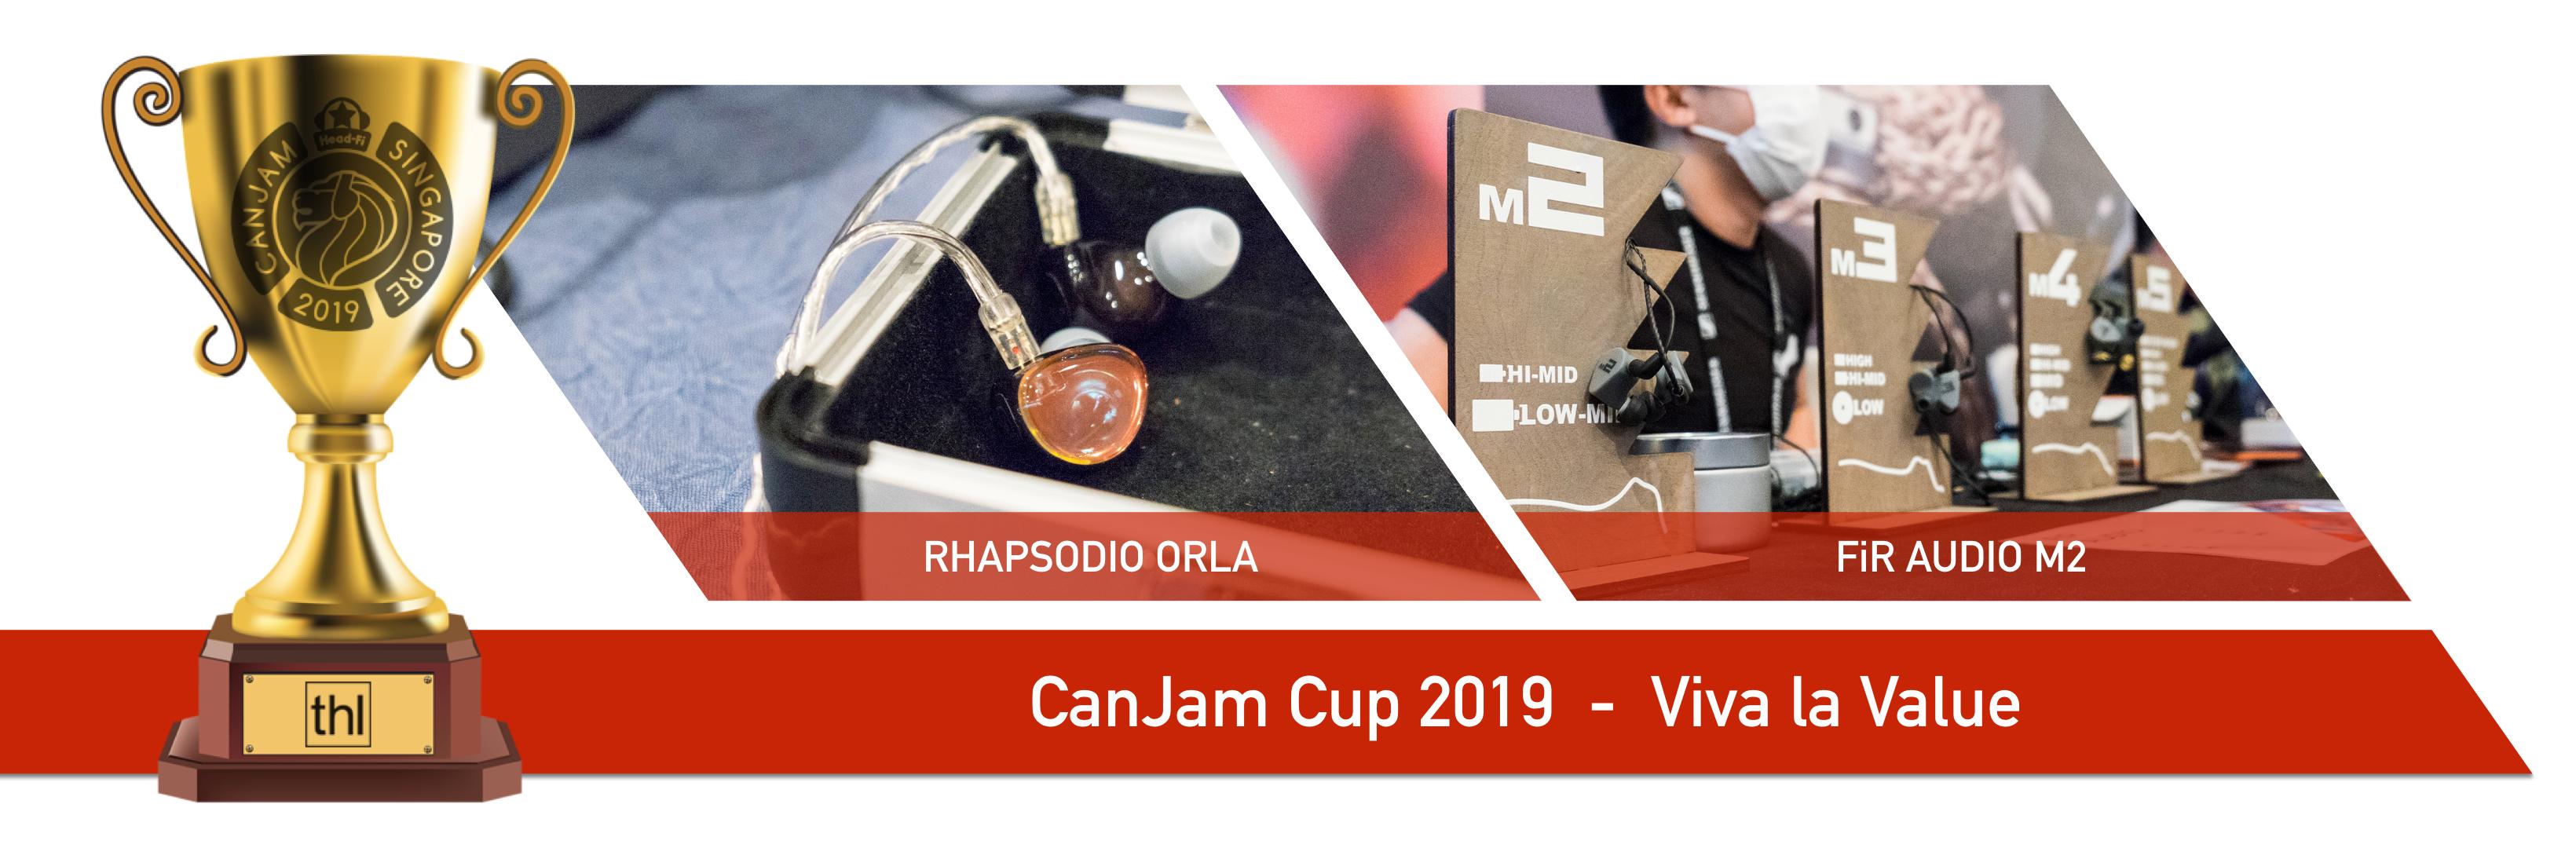 CanJam Cup 2019.003.jpeg